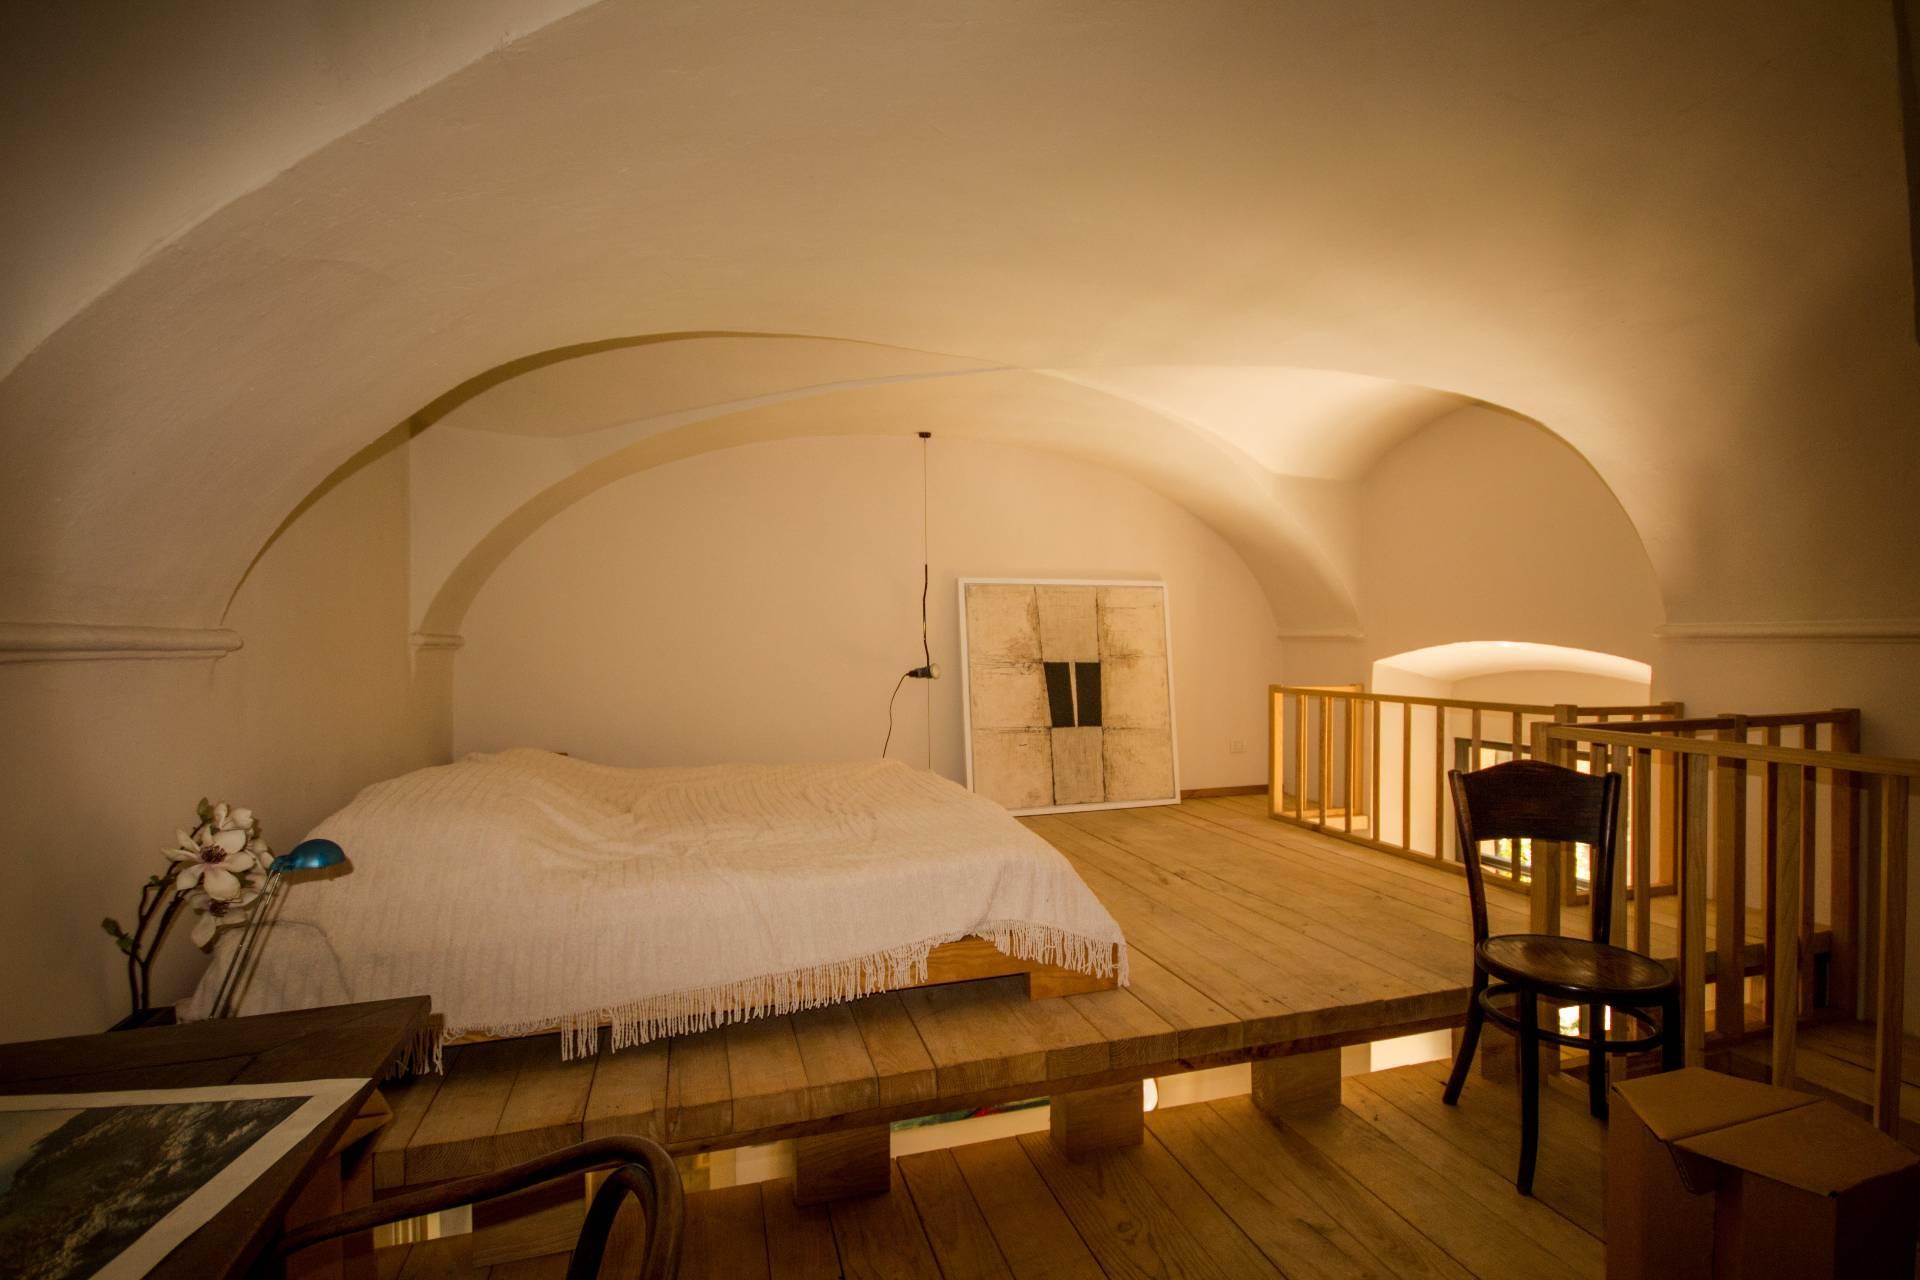 Appartamento in vendita a Verbania, 4 locali, zona Località: Intracentro, Trattative riservate | Cambio Casa.it